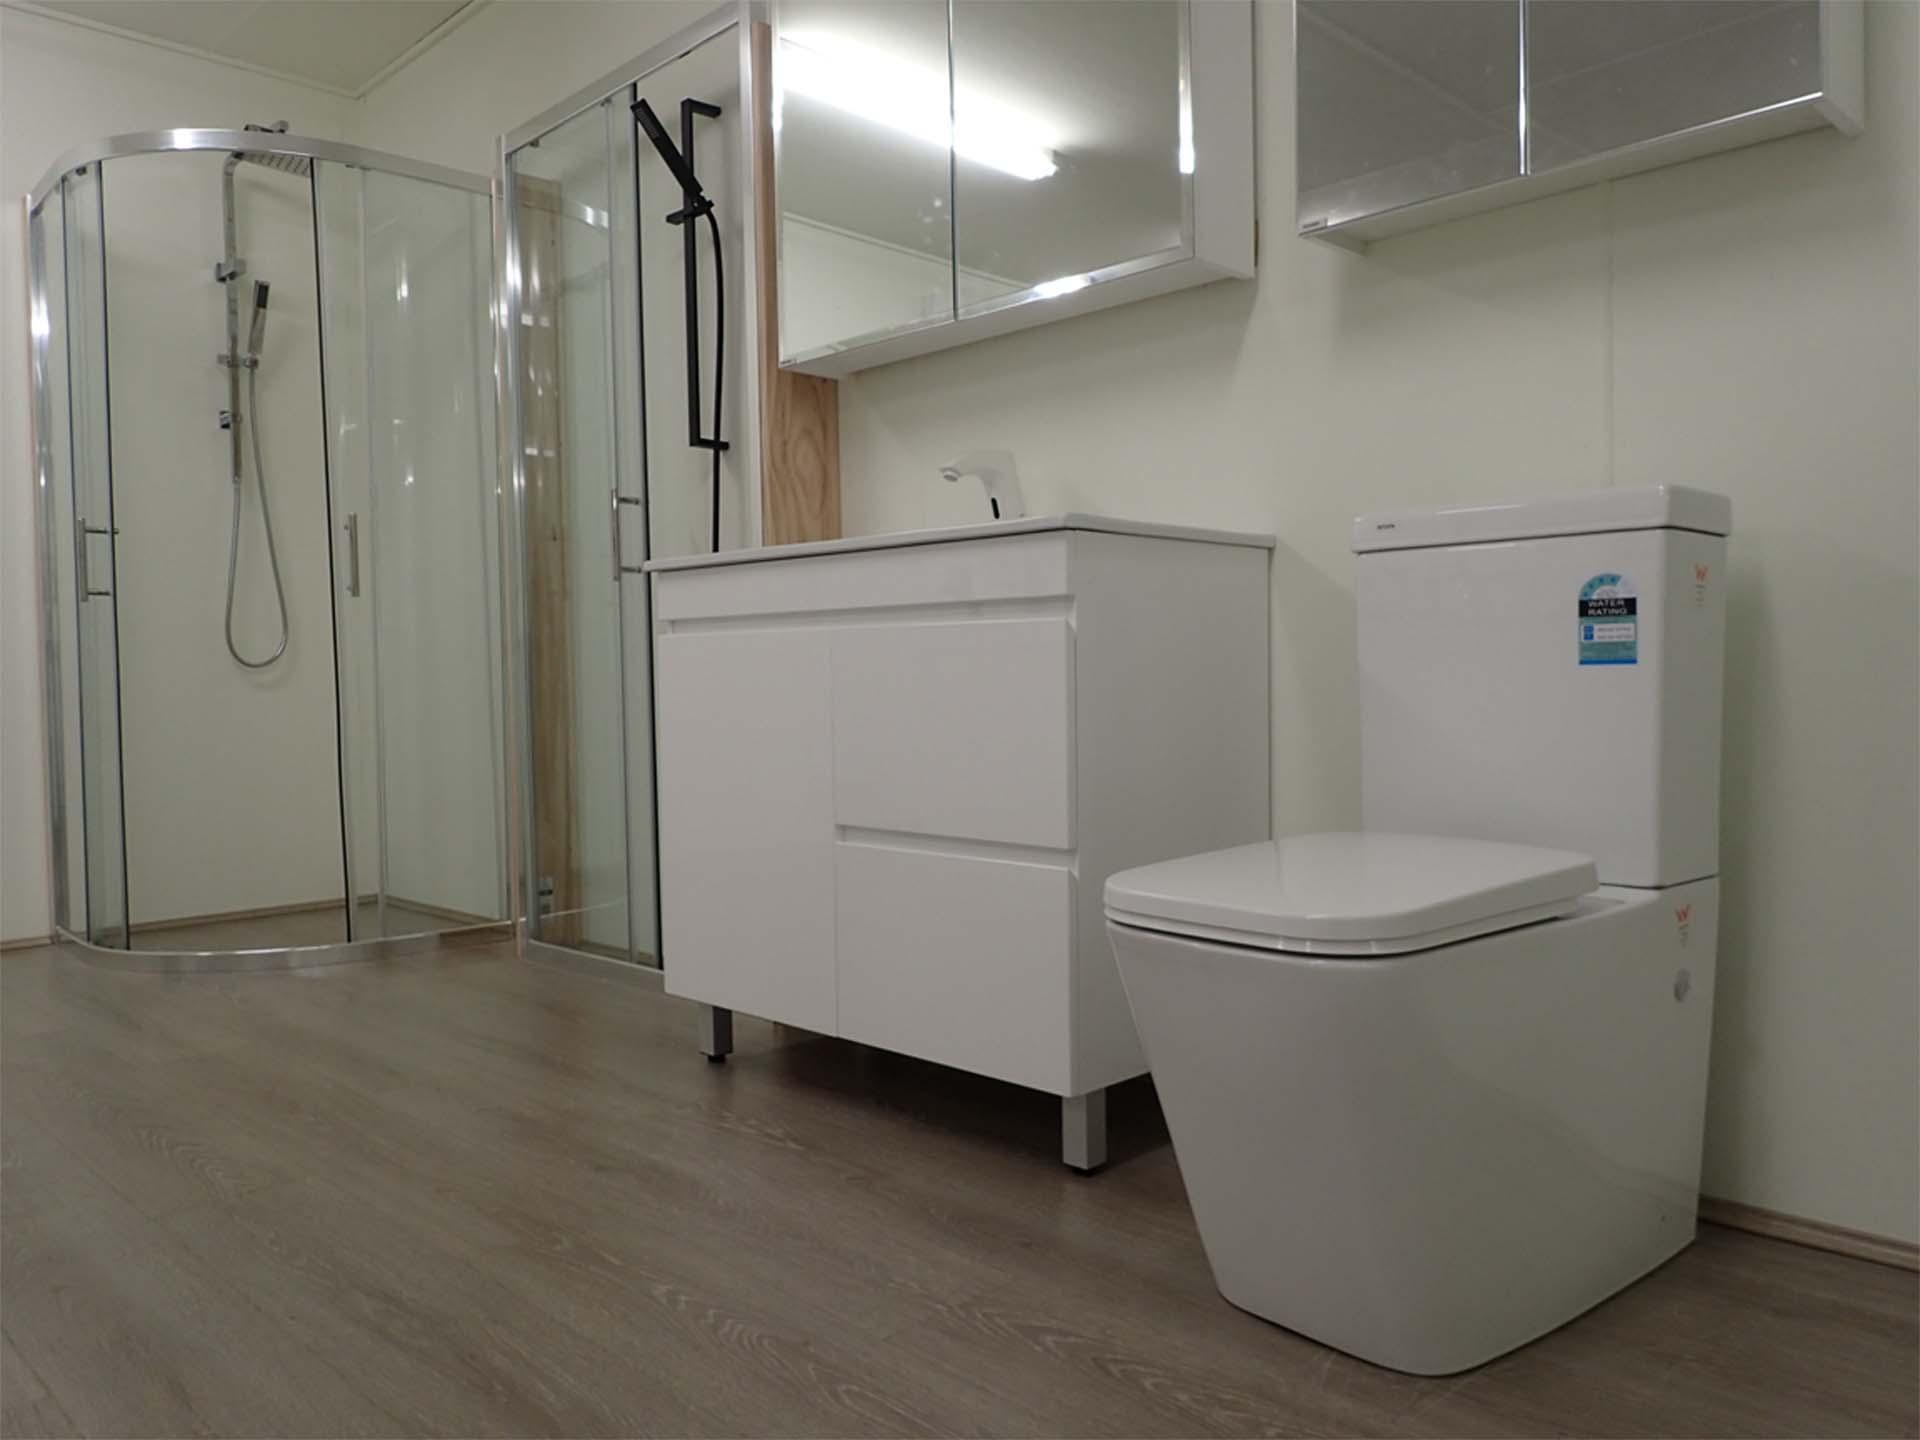 Aca 1200 900 750 600mm bathroom vanity shaving mirror for Mirror 750 x 1200